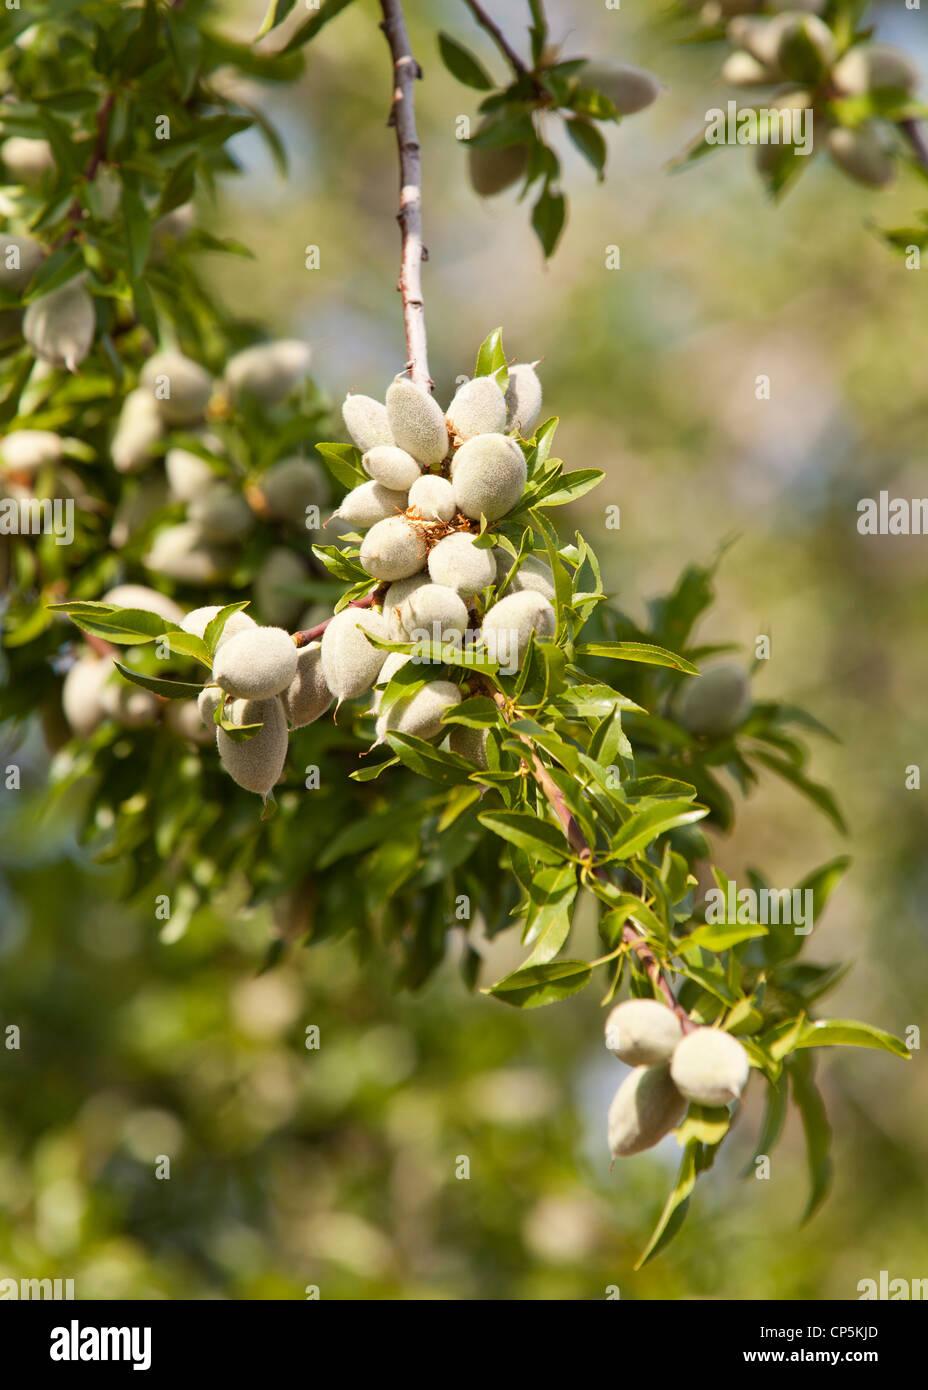 Frutti di mandorla sul ramo Immagini Stock